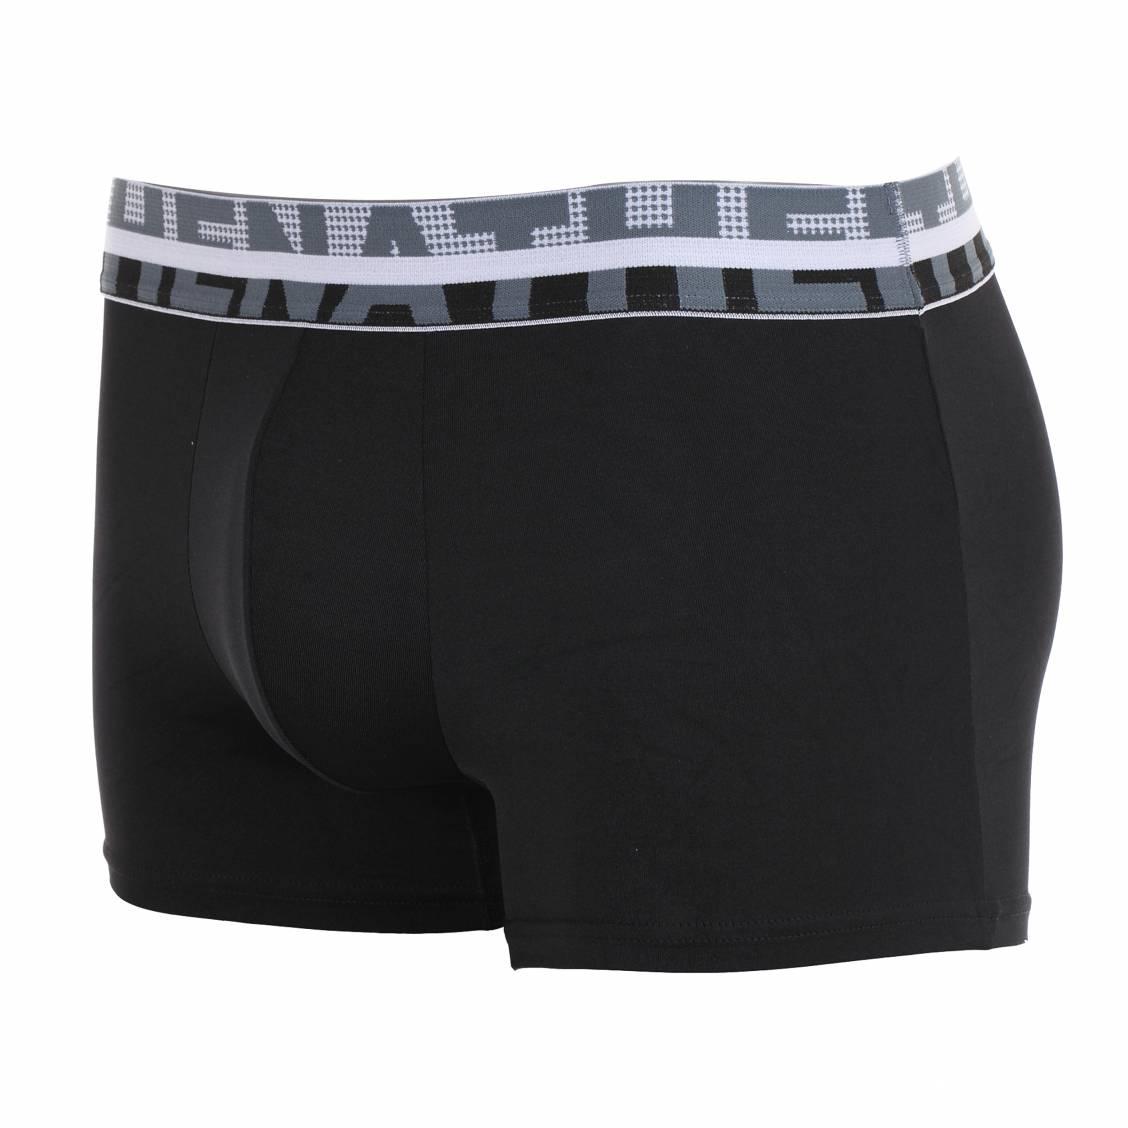 lot de boxers athena noir et gris en microfibre